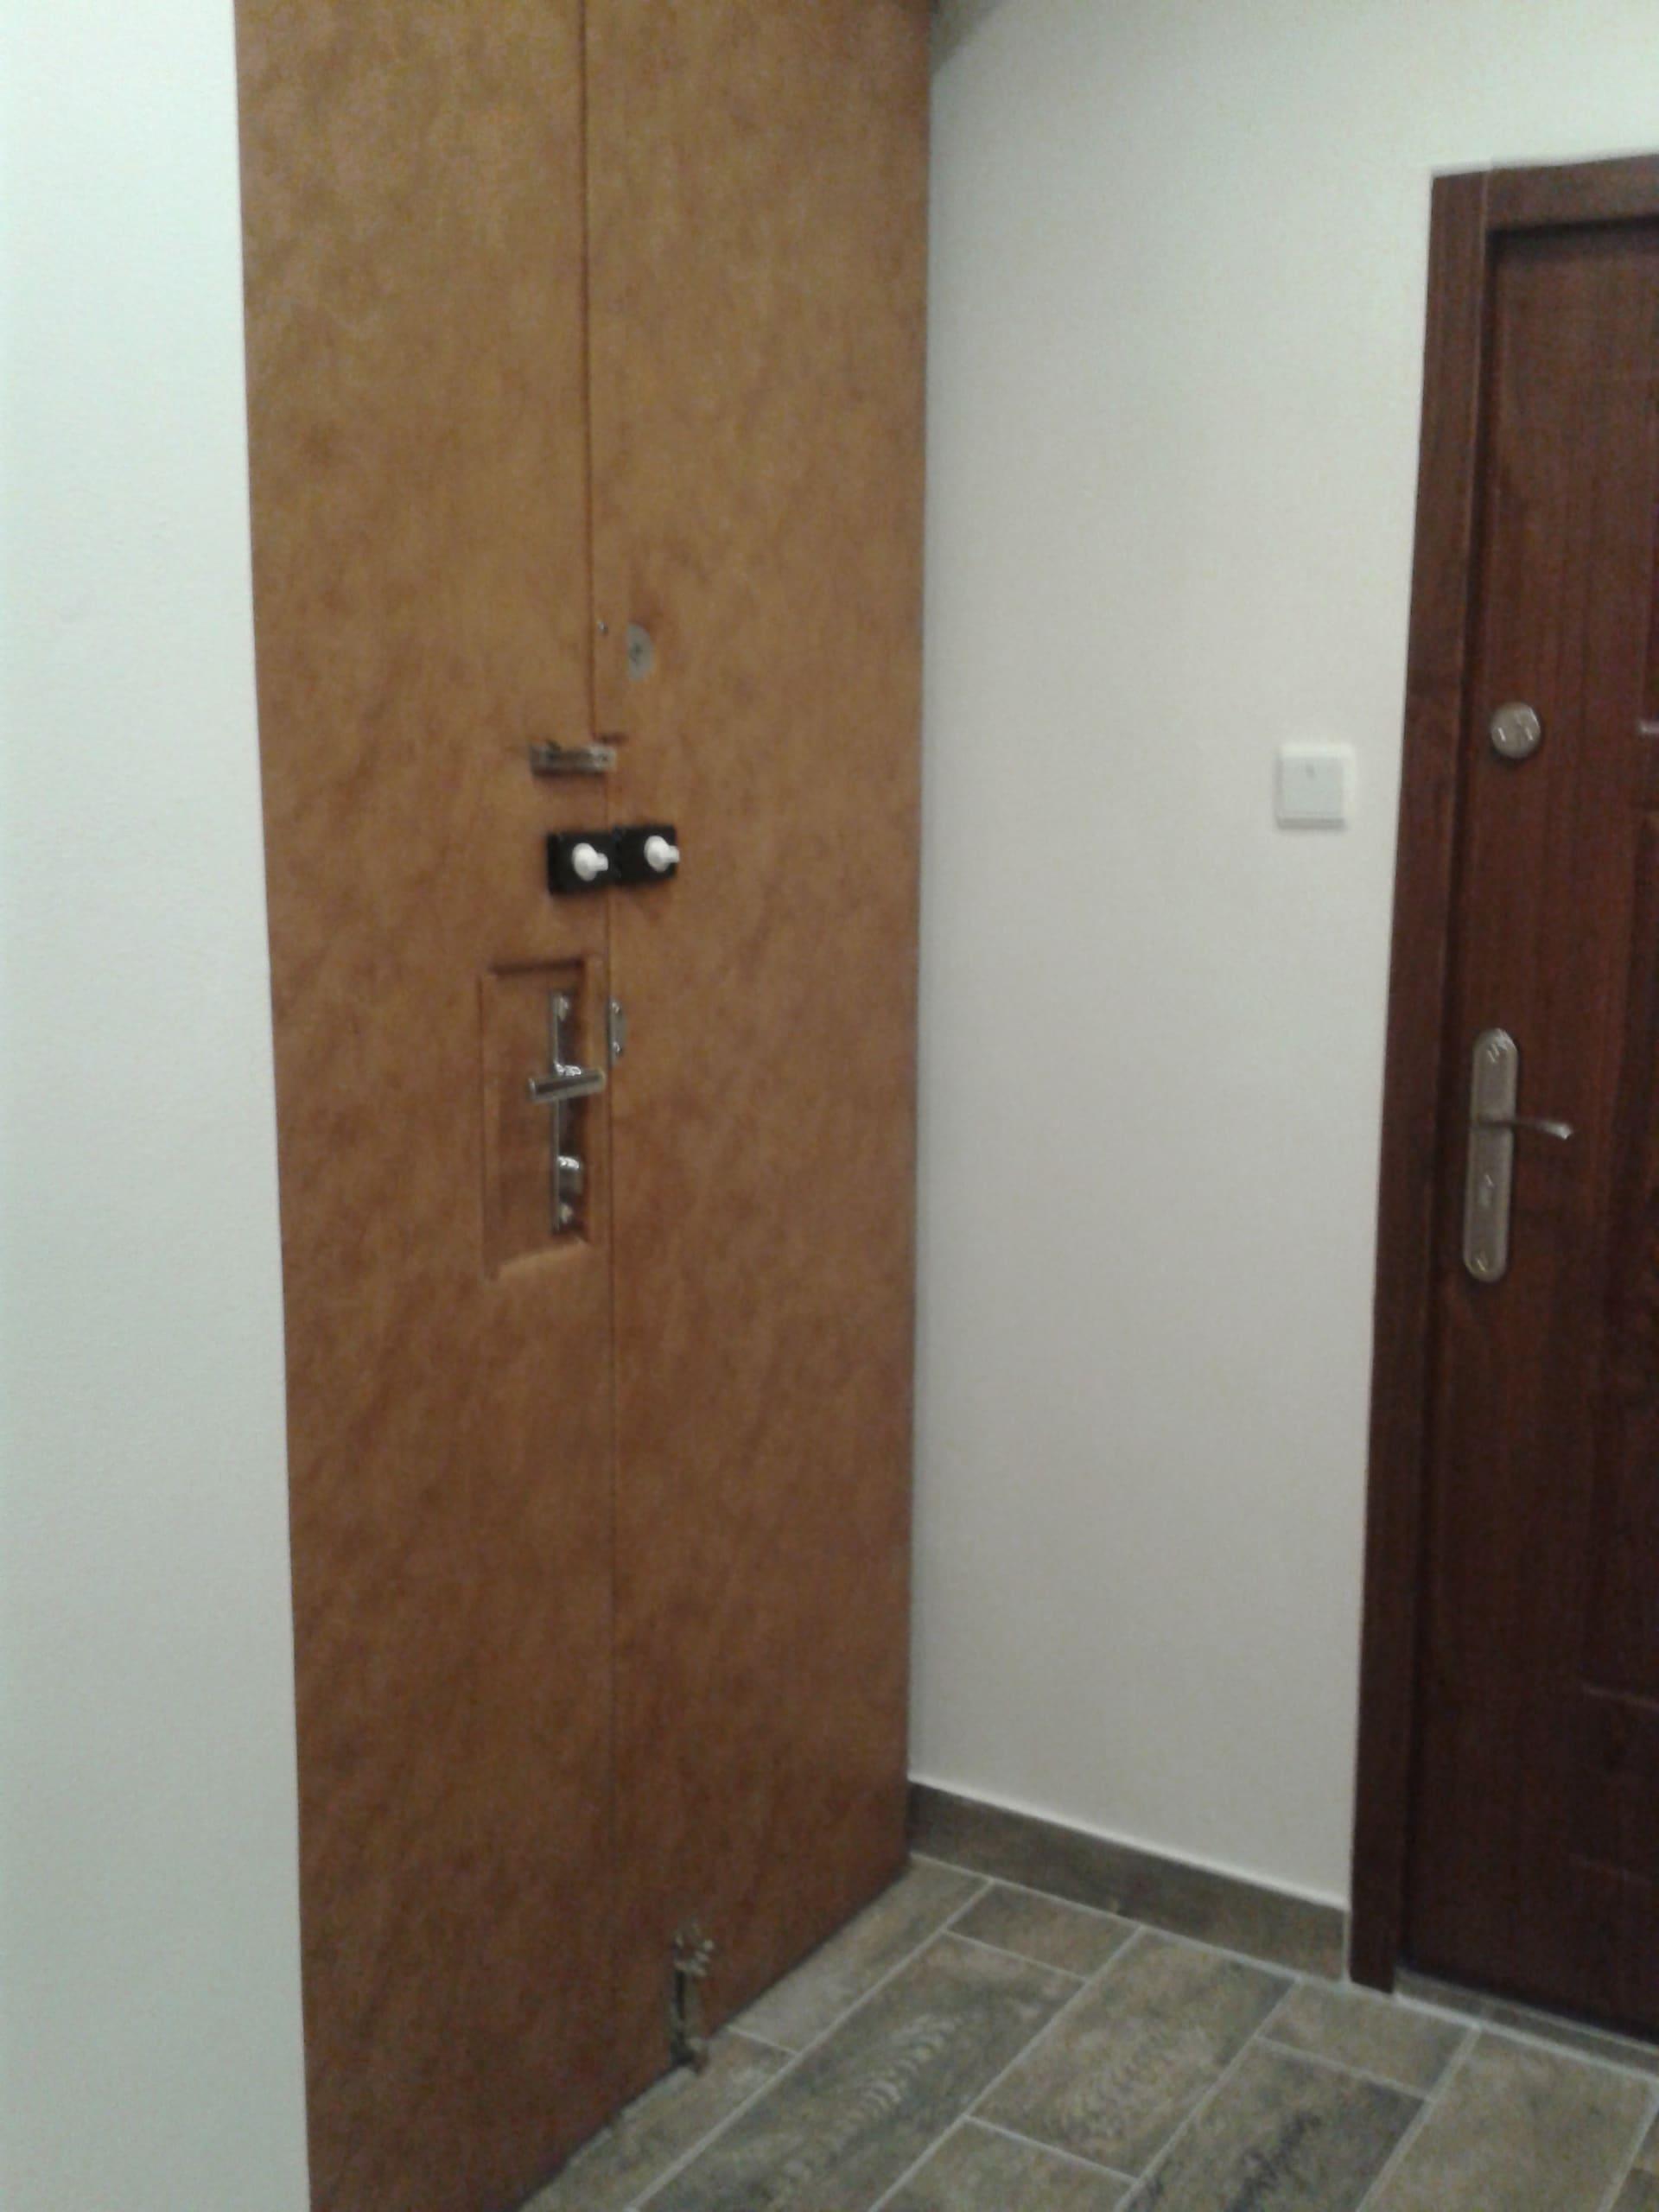 למכירה דירת 3+kk יפהפיה בפראג 1 העיר החדשה (52)